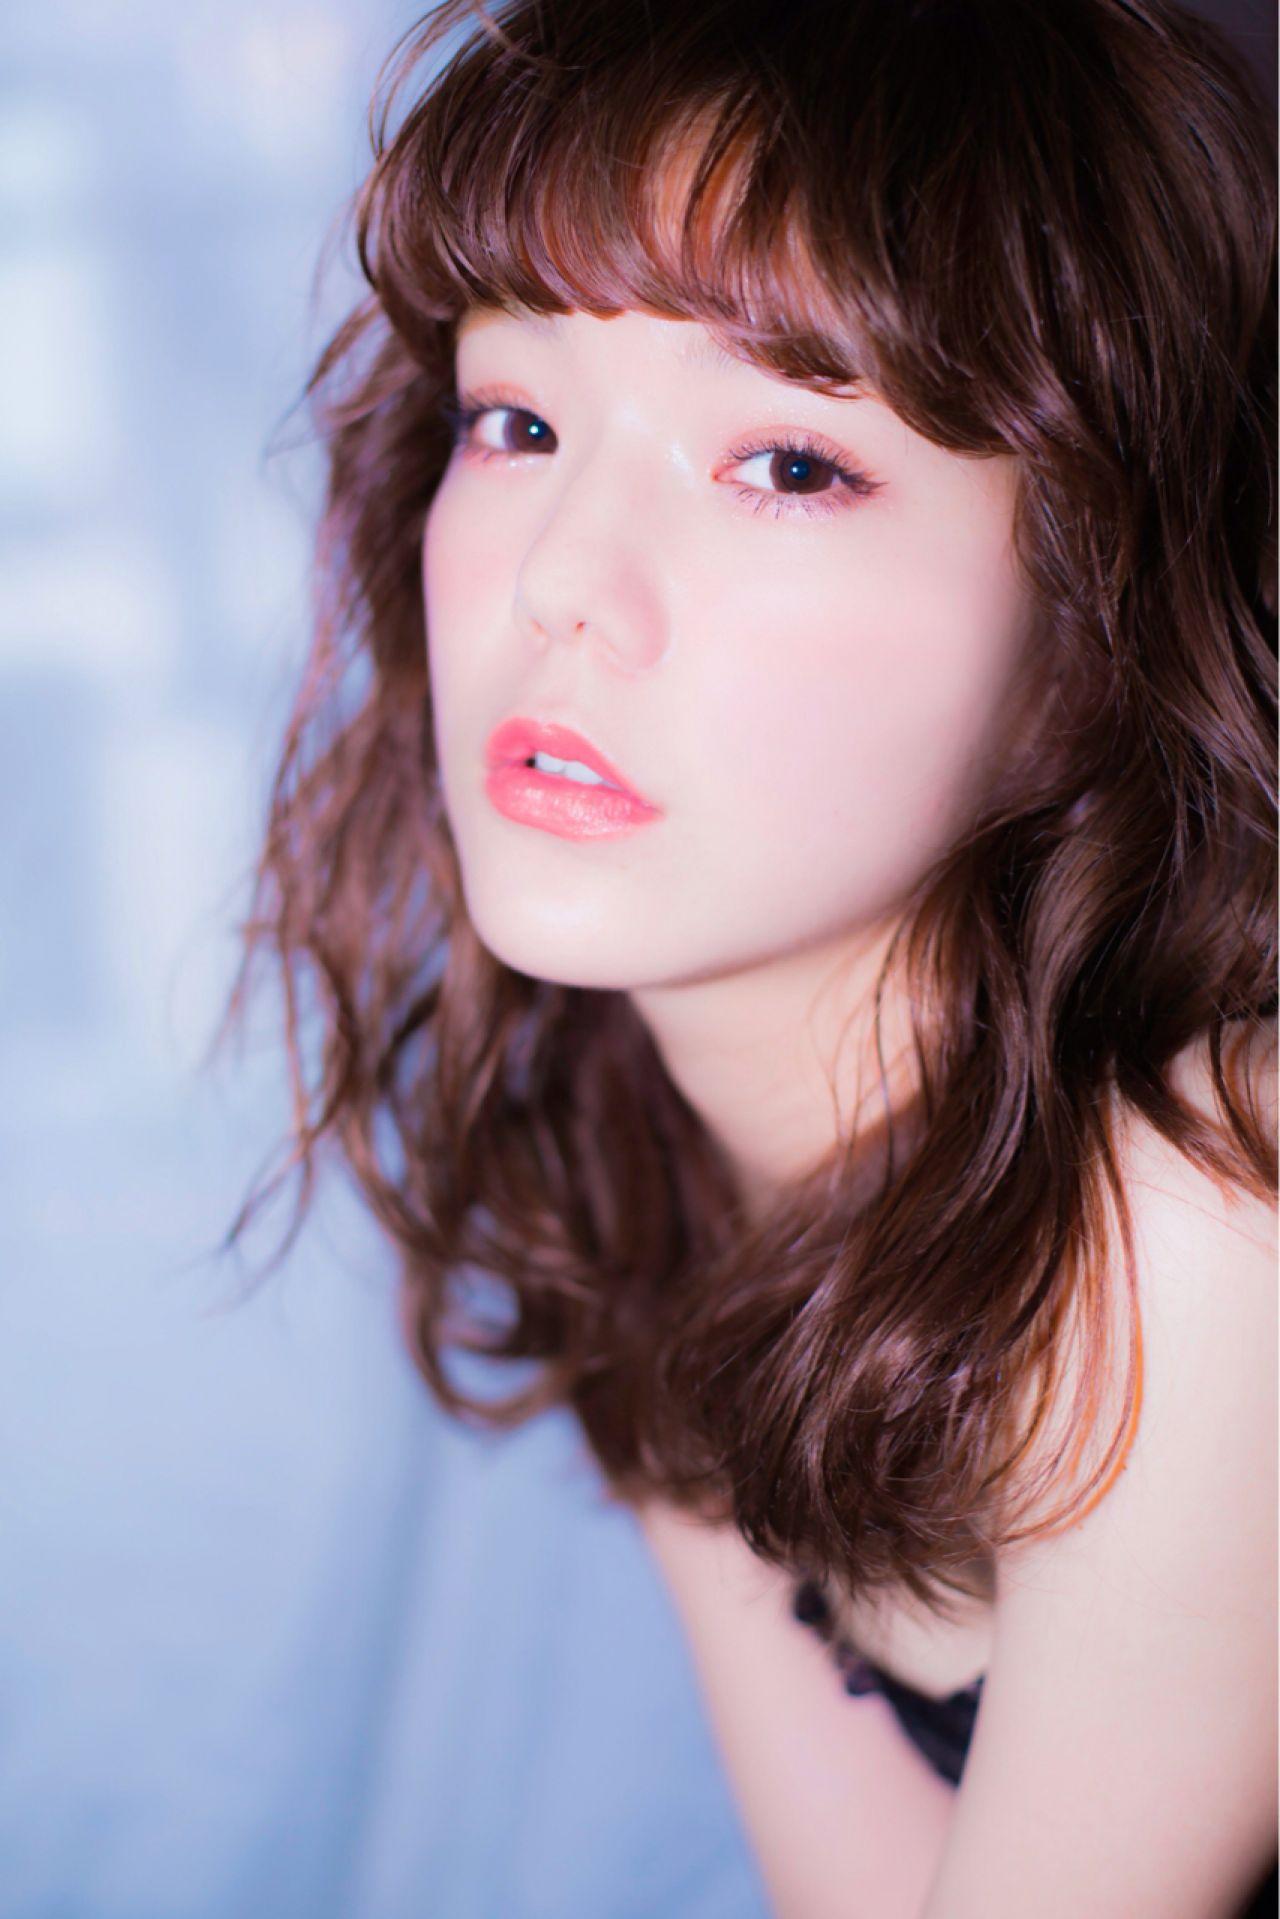 モテる女子は実践中!可愛すぎる黒髪ミディアムパーマ12選♡ 久保 雄司